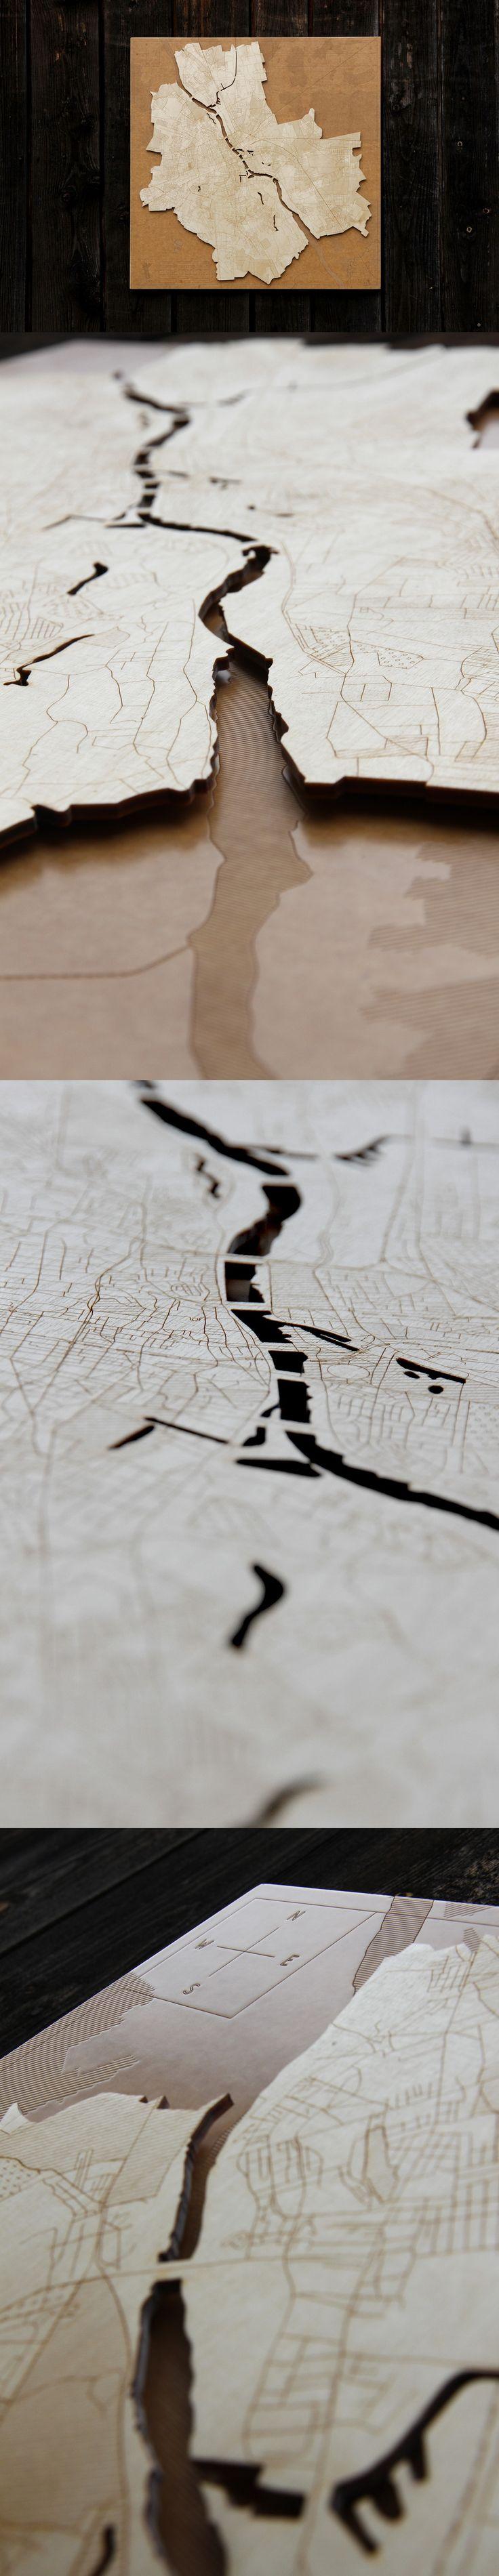 www.rzemioslo.pro #warsaw #warszawa #mapa #plan #siatkaulic #sklejka #grawerowanie #naścianę #dekoracja #design #wnętrza